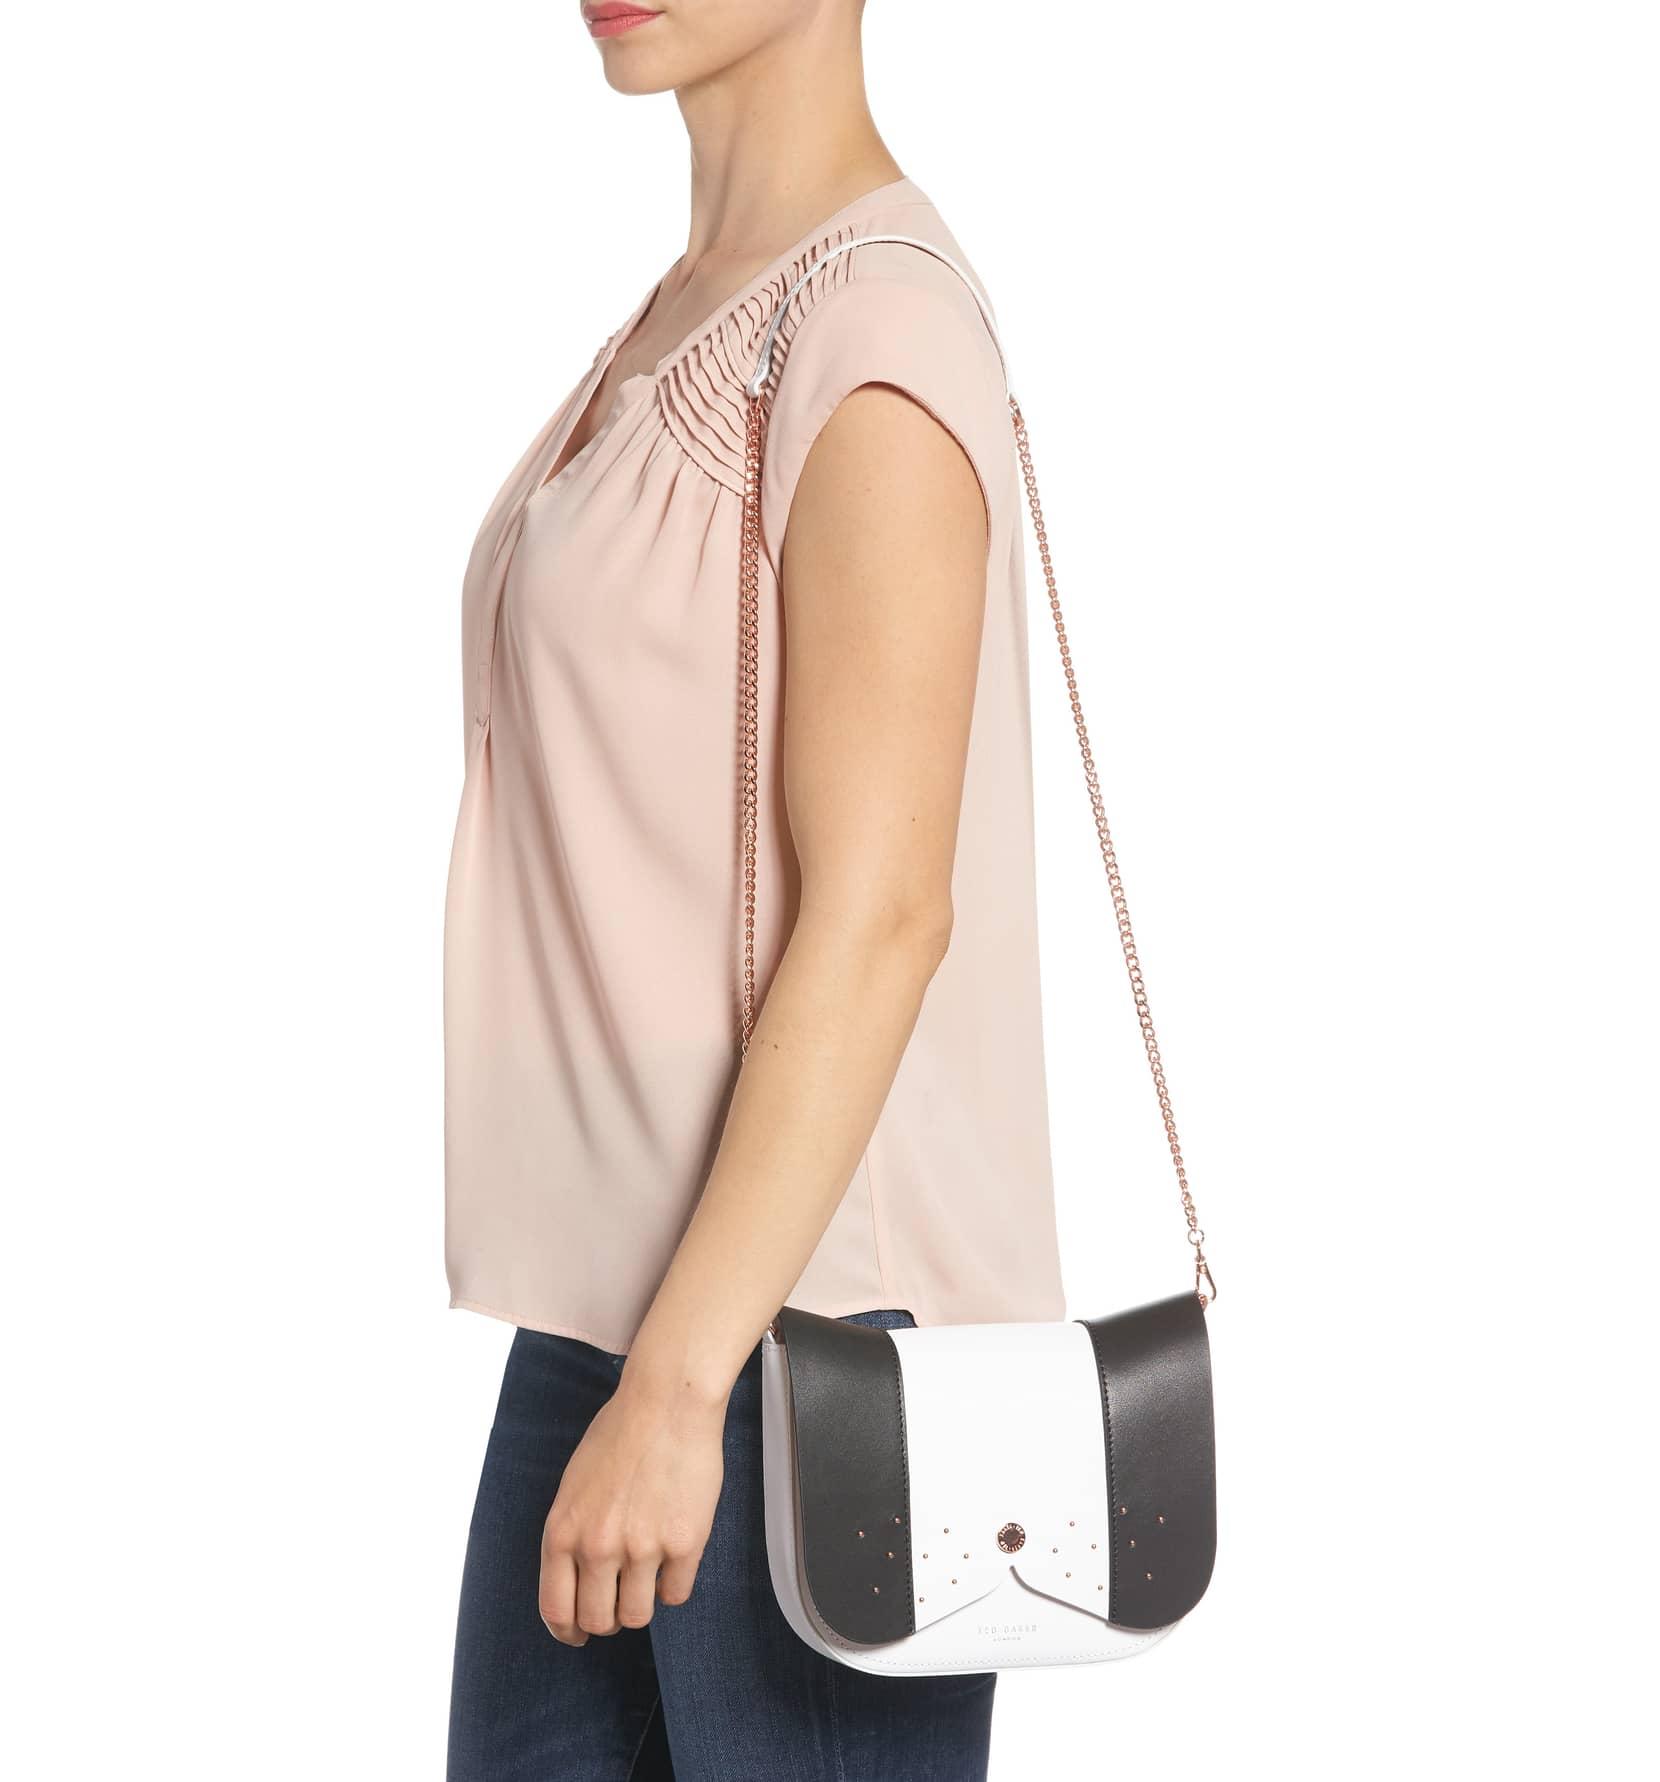 ted baker cross body bag on model